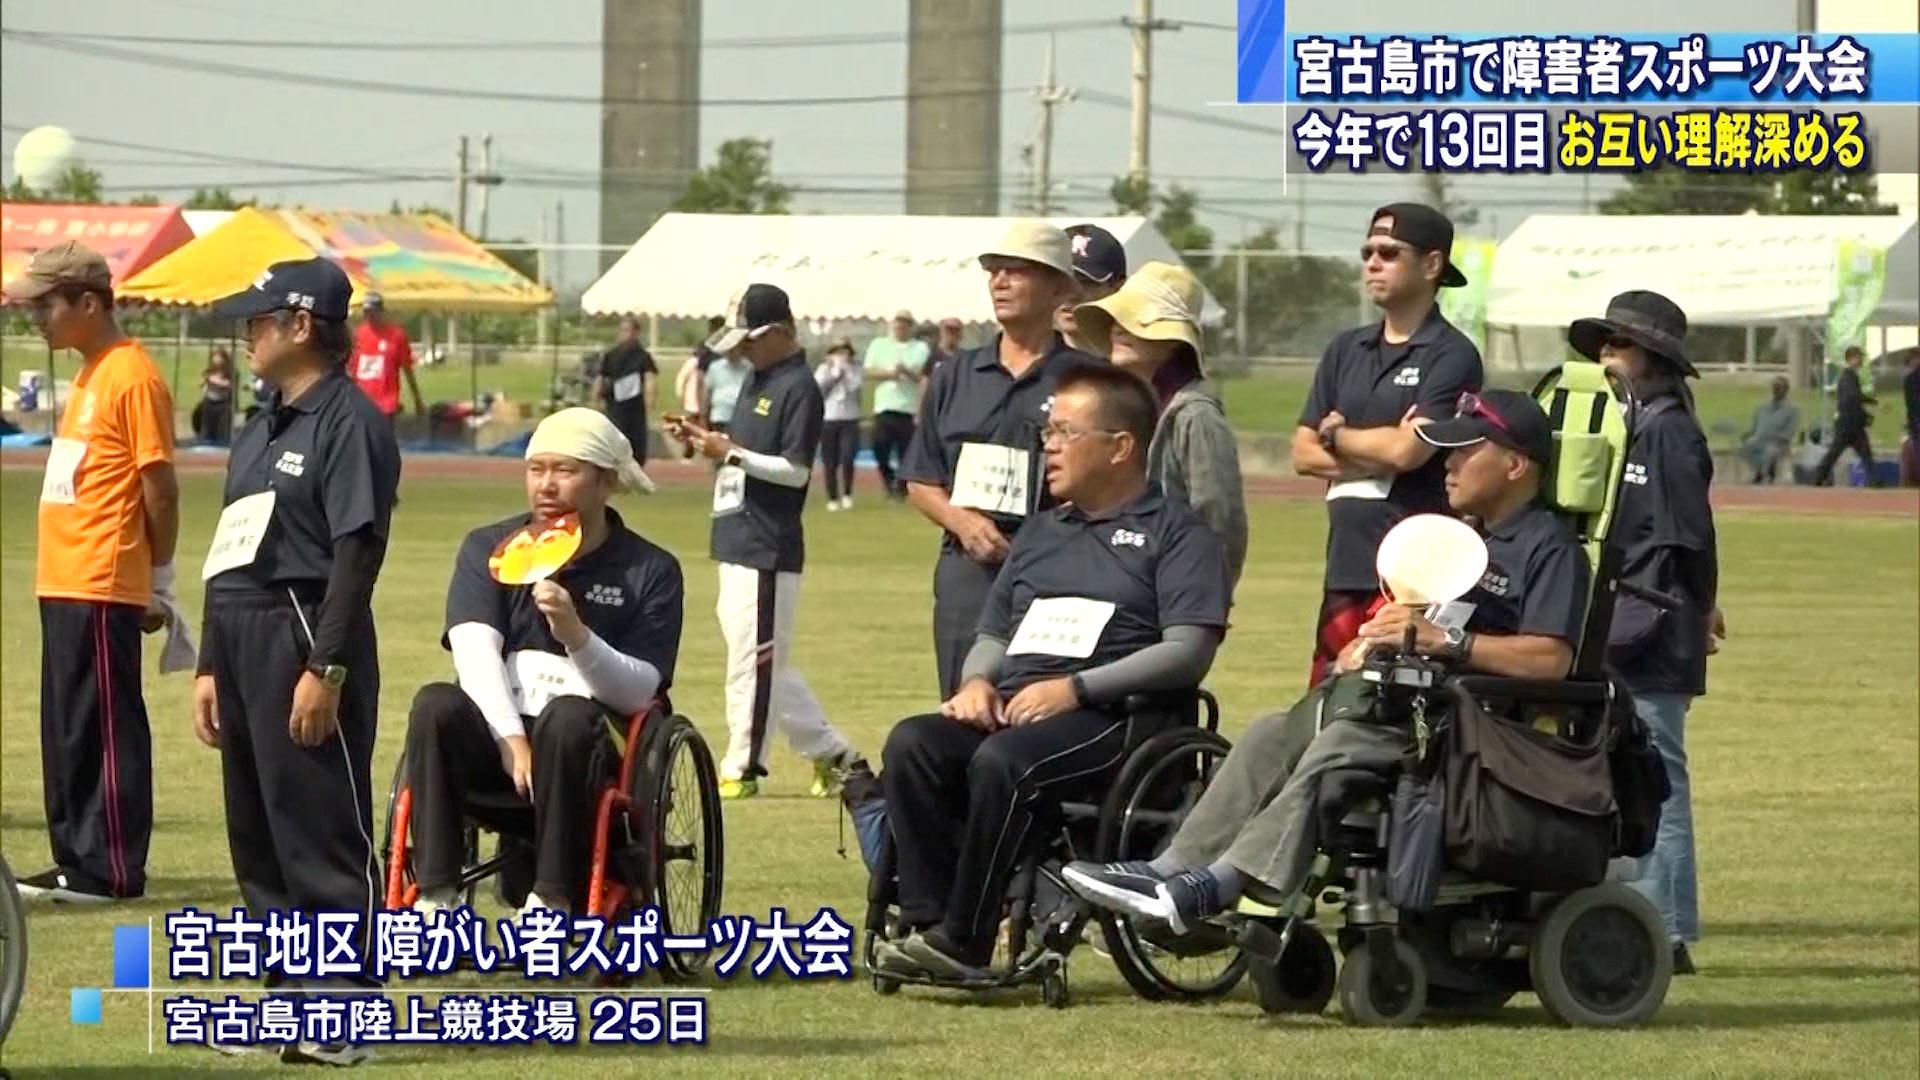 宮古島で障害者スポーツ大会